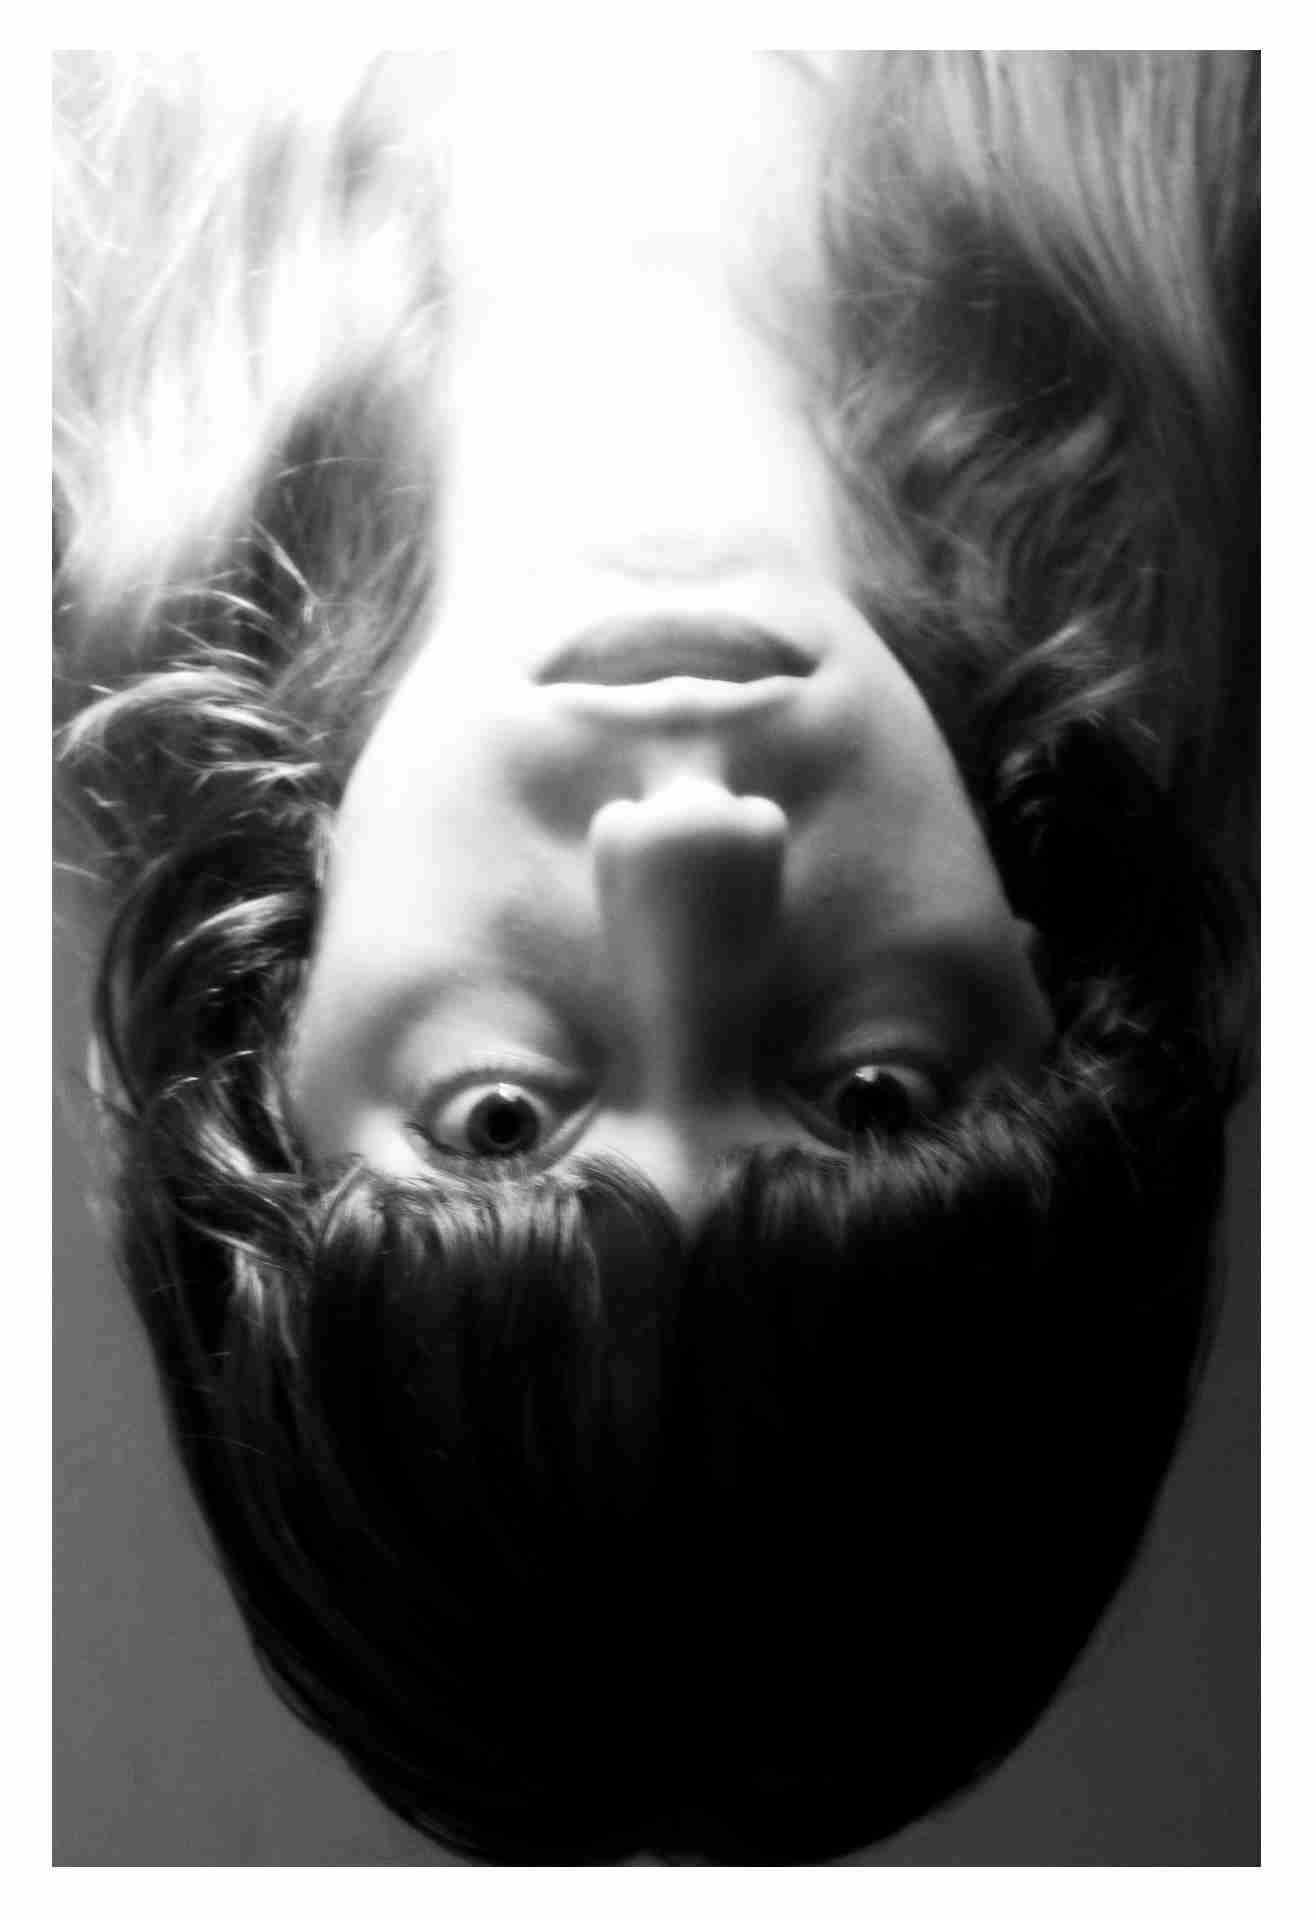 Obra: Mi luz en mi oscuridad.